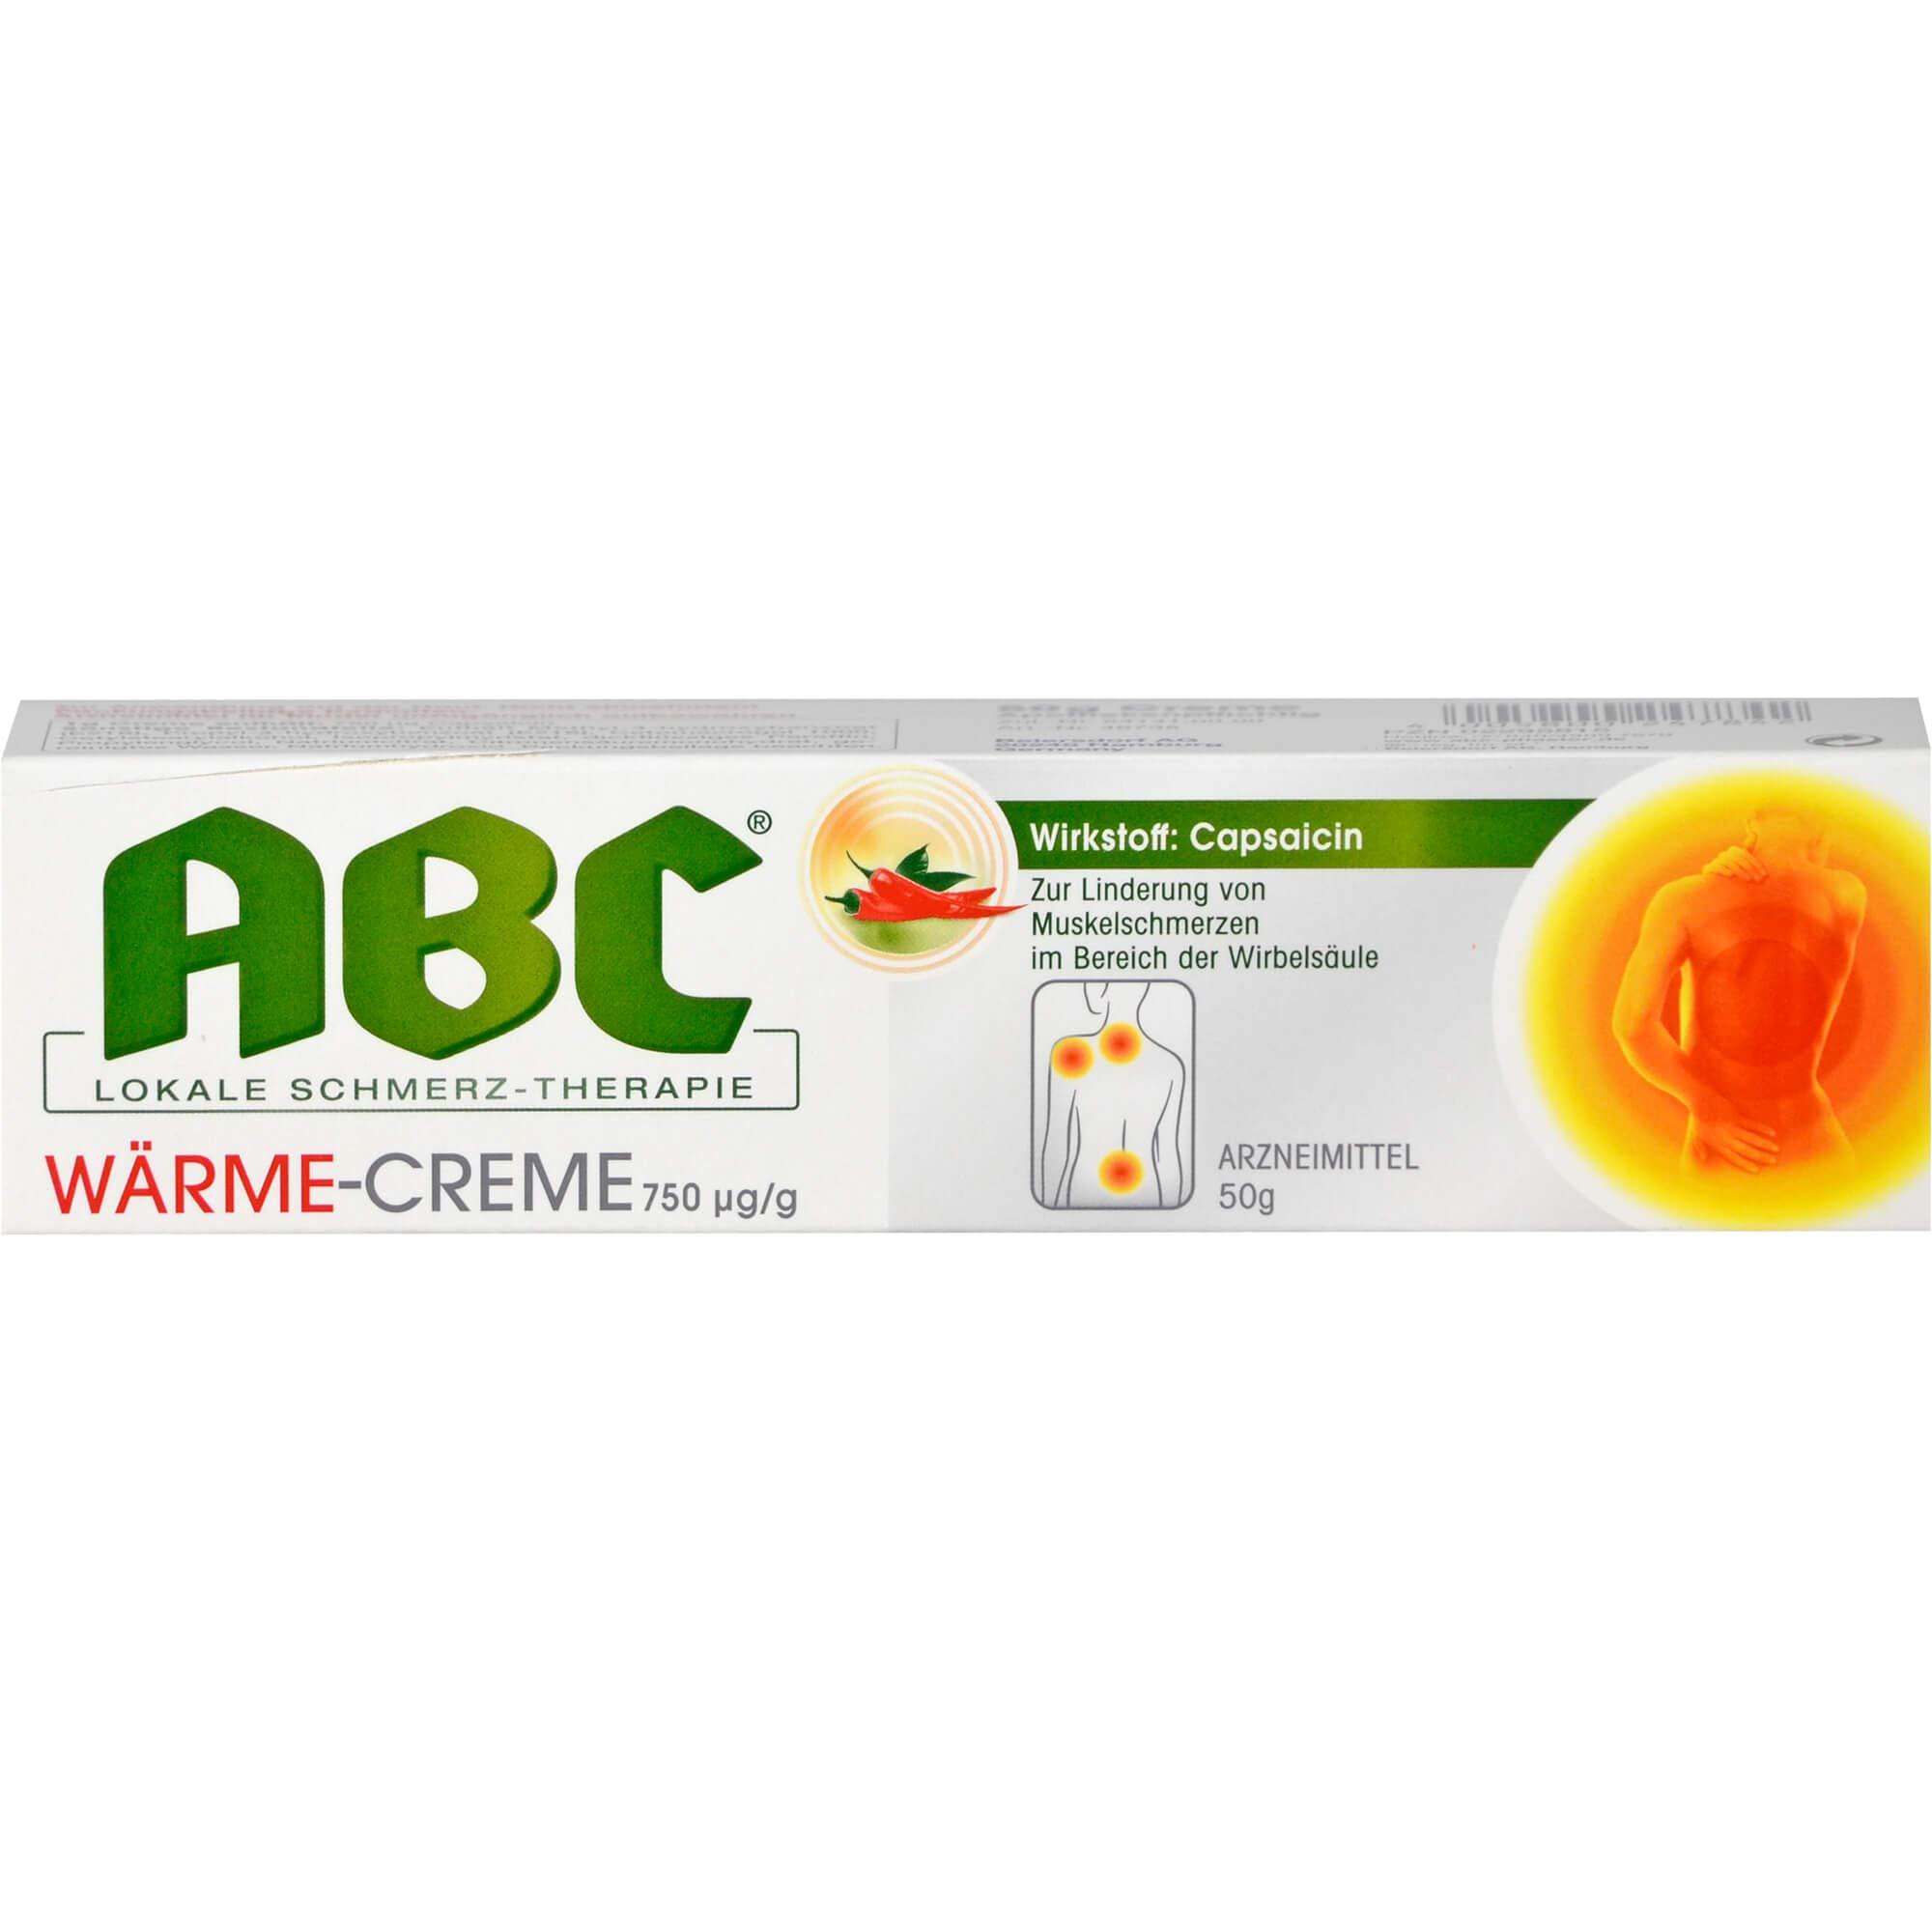 HANSAPLAST med ABC Wärme Creme Capsicum 50g (1 x 50g)